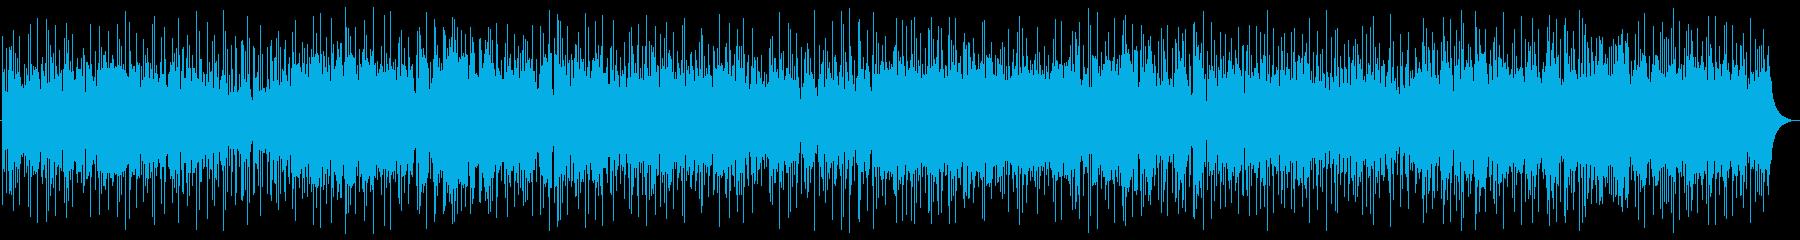 秋に聞きたいスムースジャズの再生済みの波形